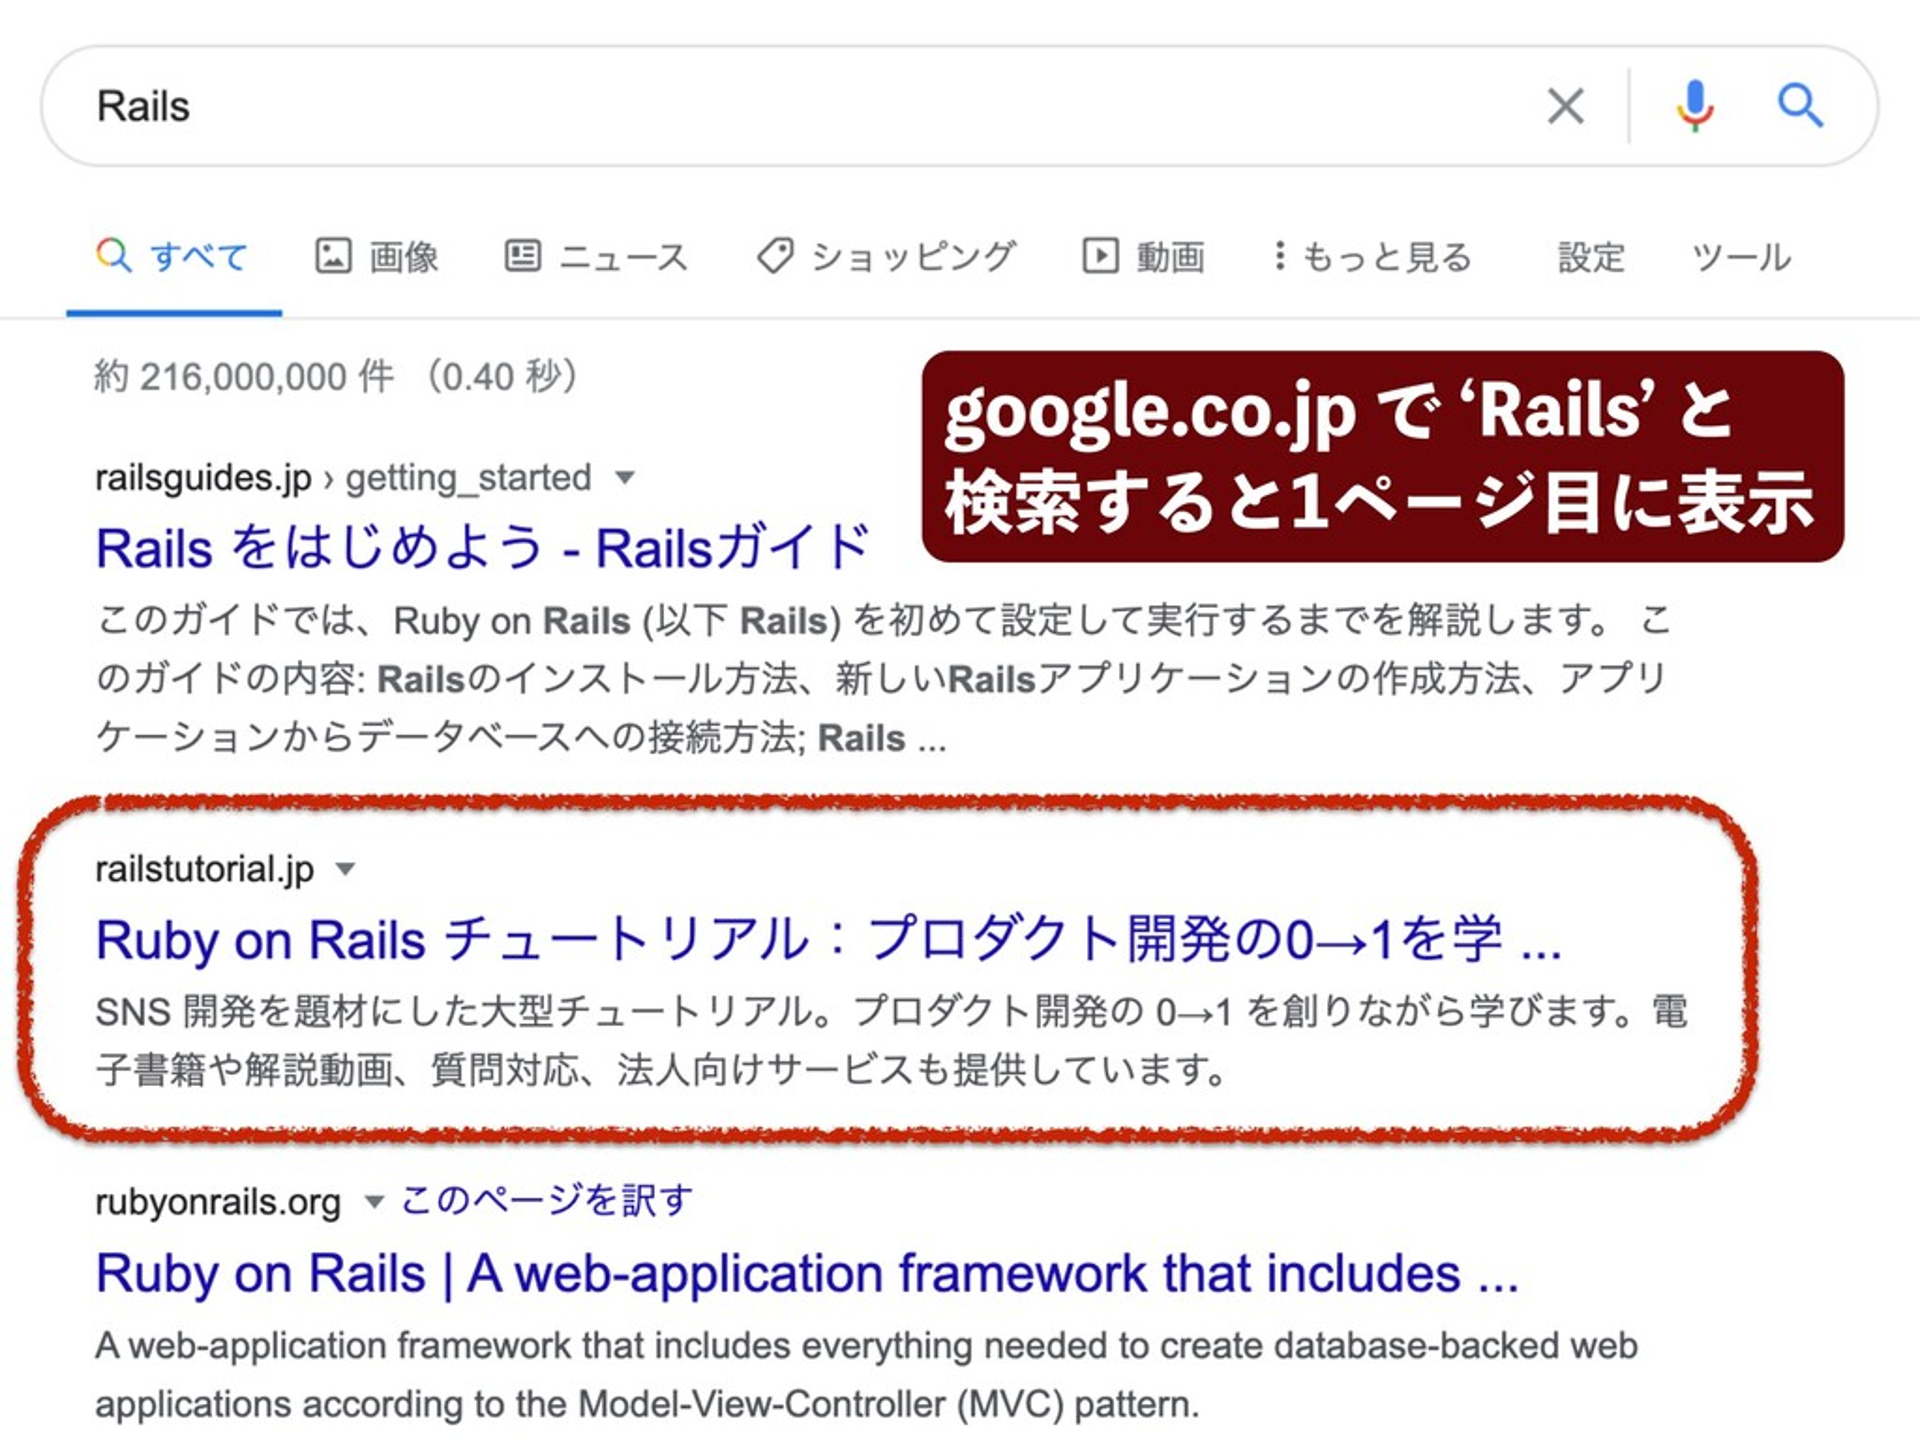 ຊͷ Google ݕࡧ 'Rails' Ͱ̍ϖʔδʹදࣔ ✨